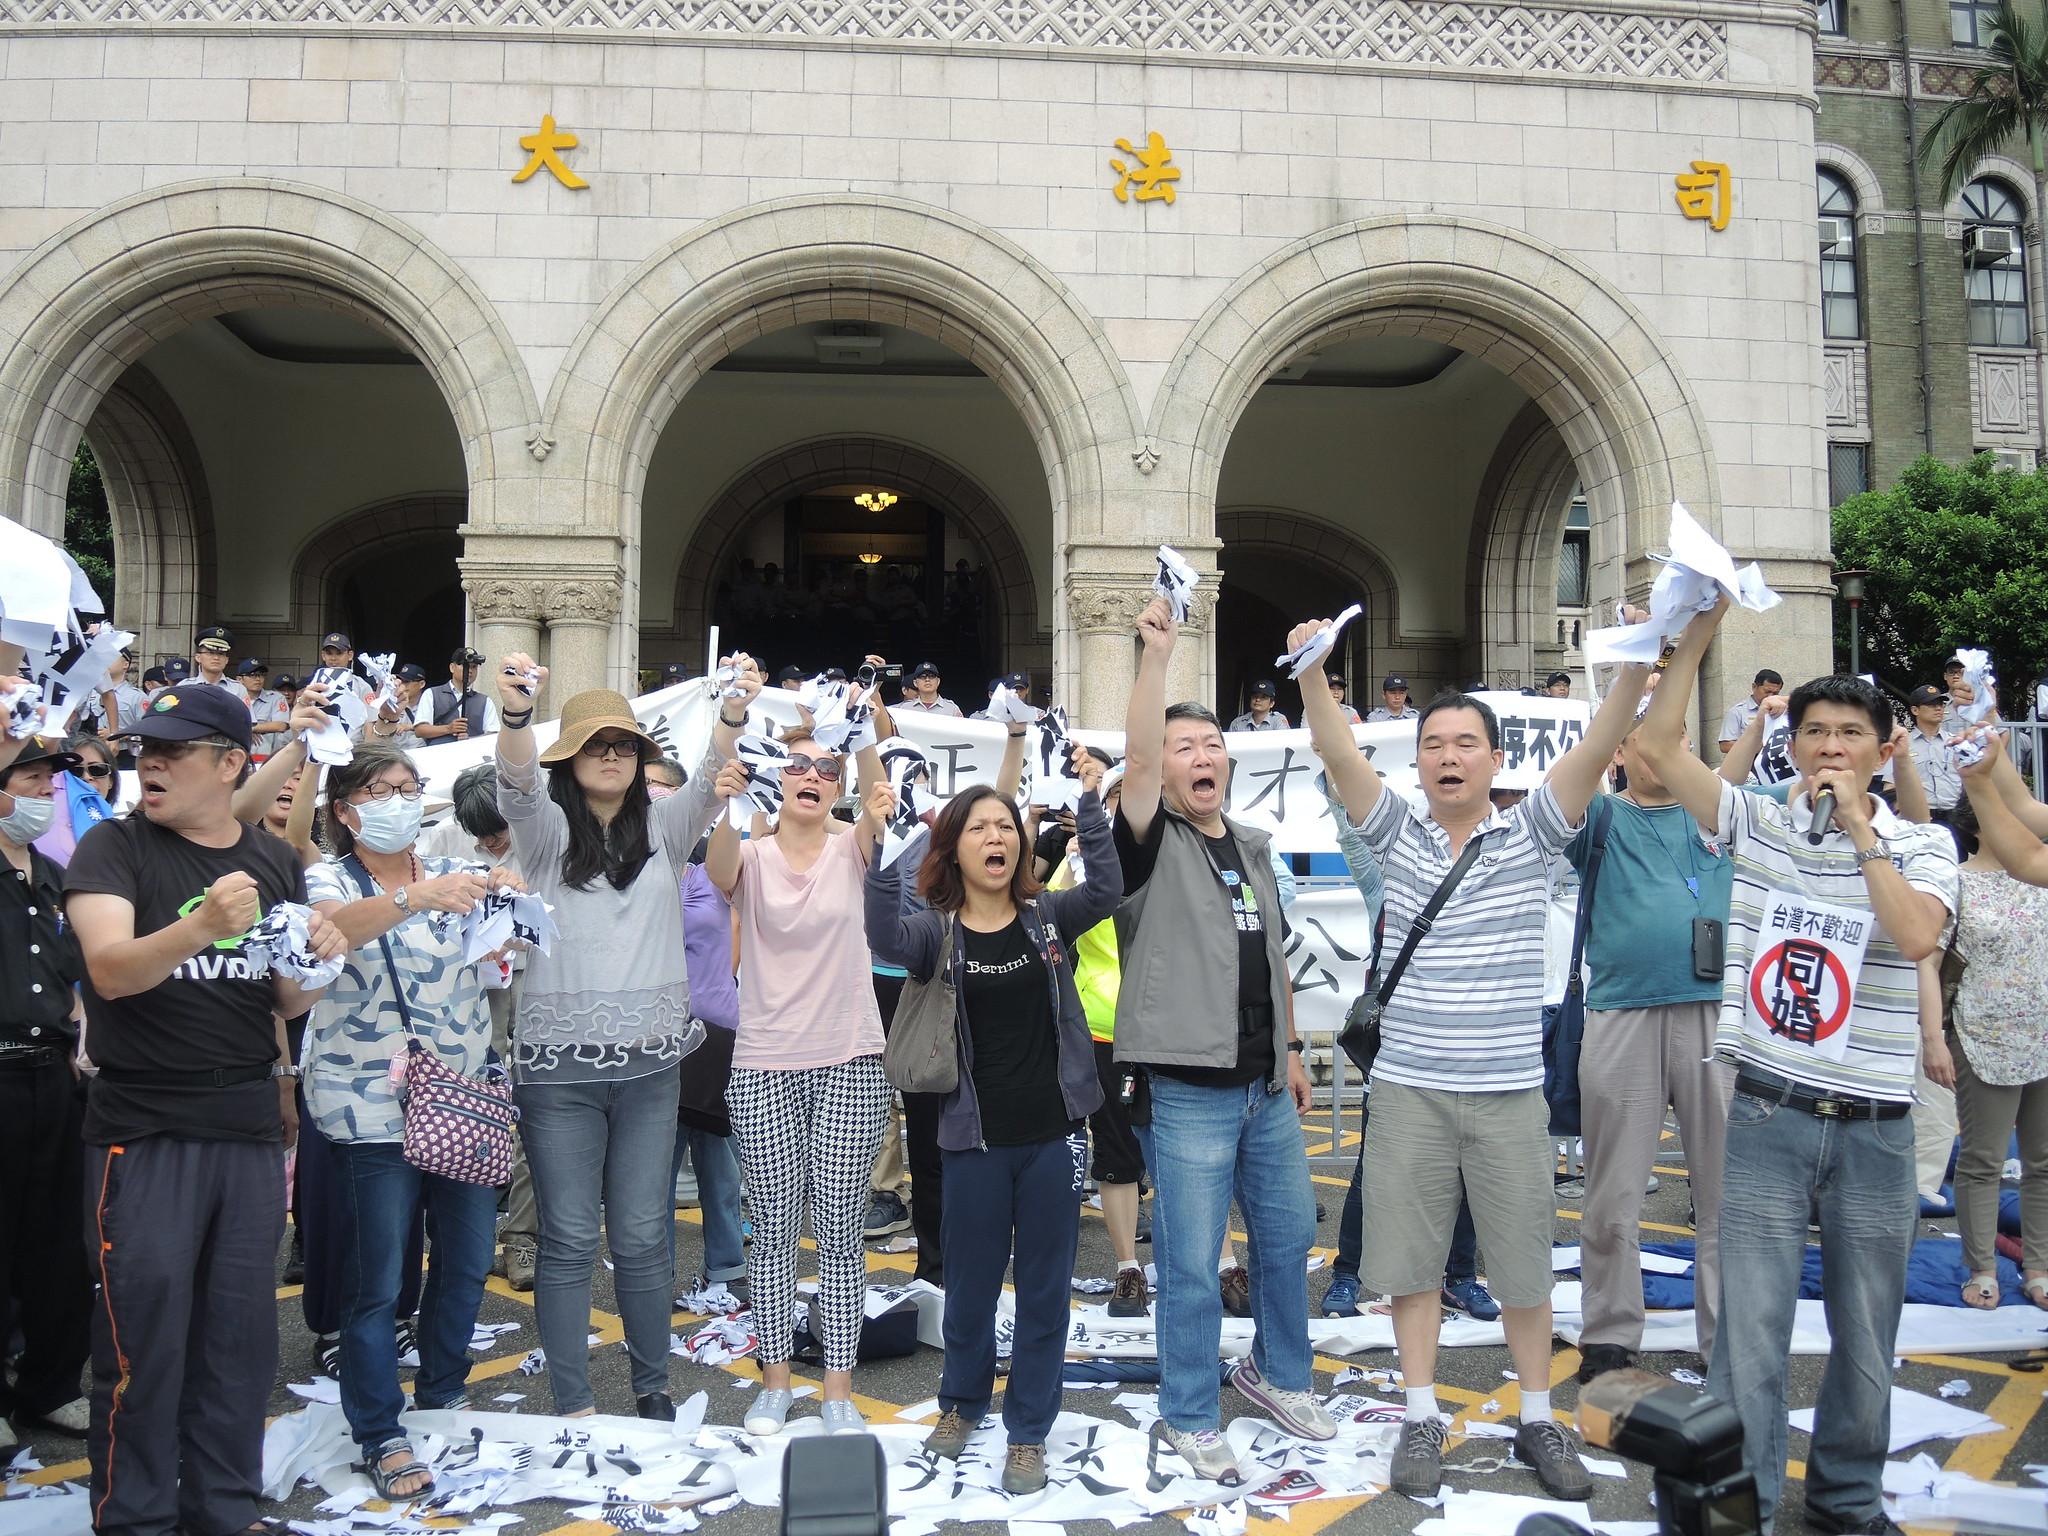 524同婚釋憲結果出爐,反同婚的下一代幸福聯盟在司法院外高喊「釋憲無效」。(攝影:曾福全)